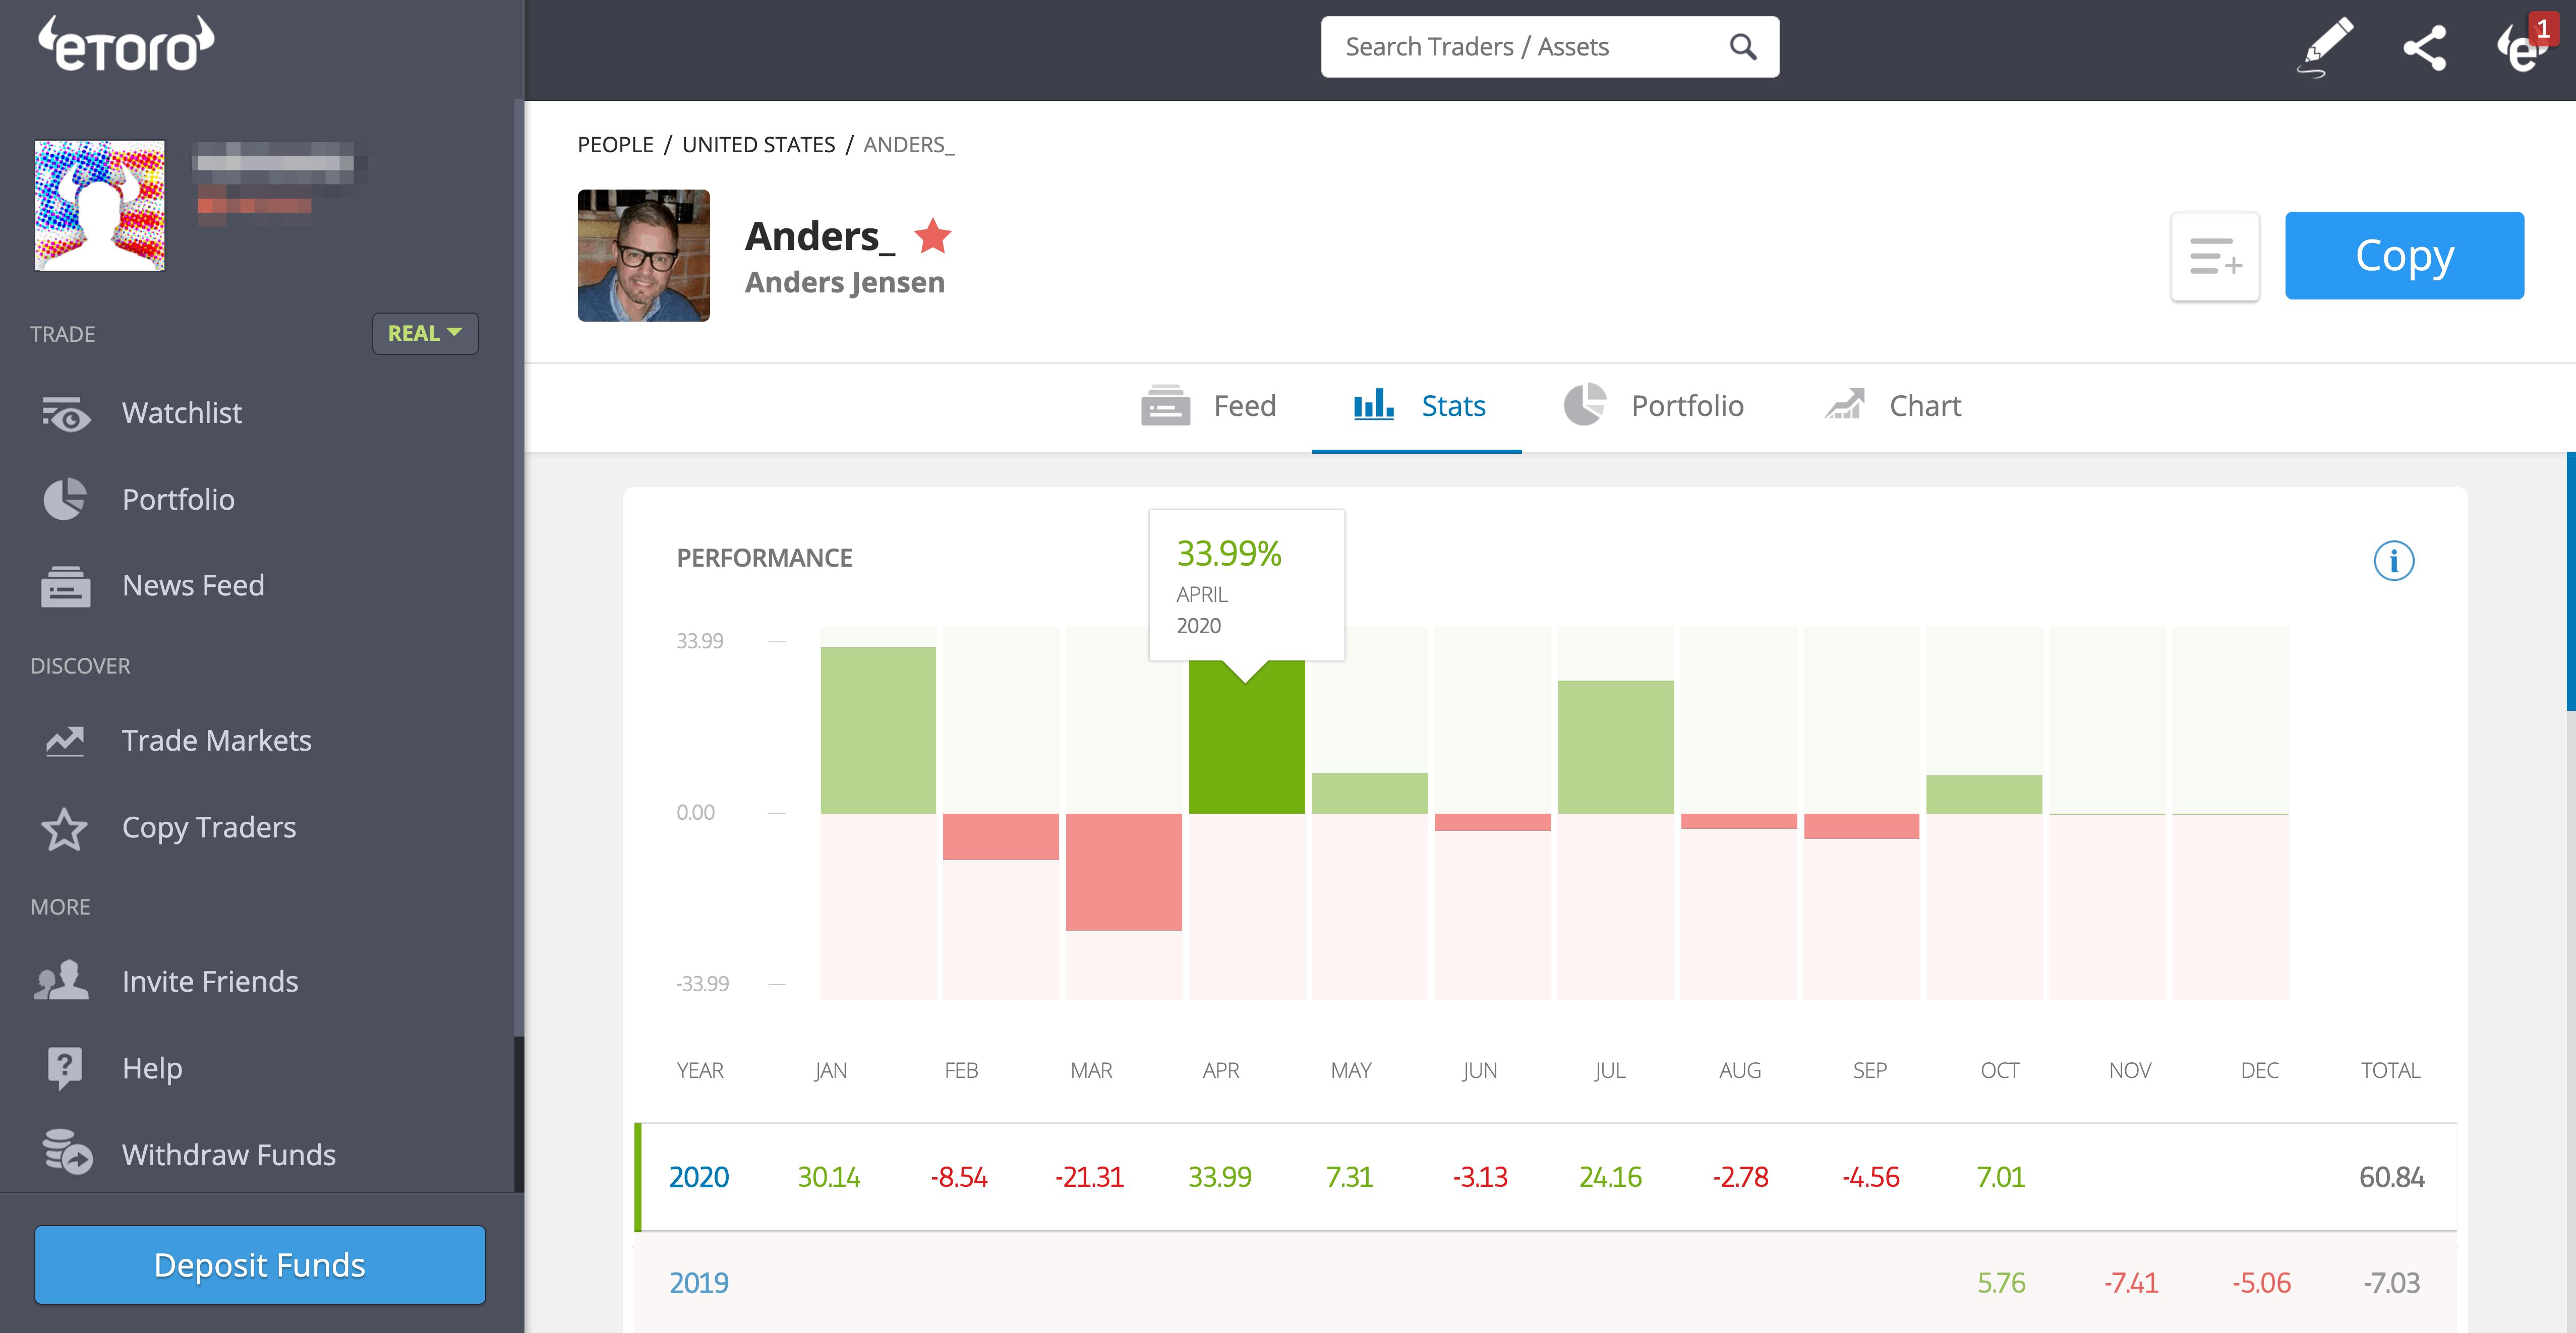 eToro CopyTrader profile